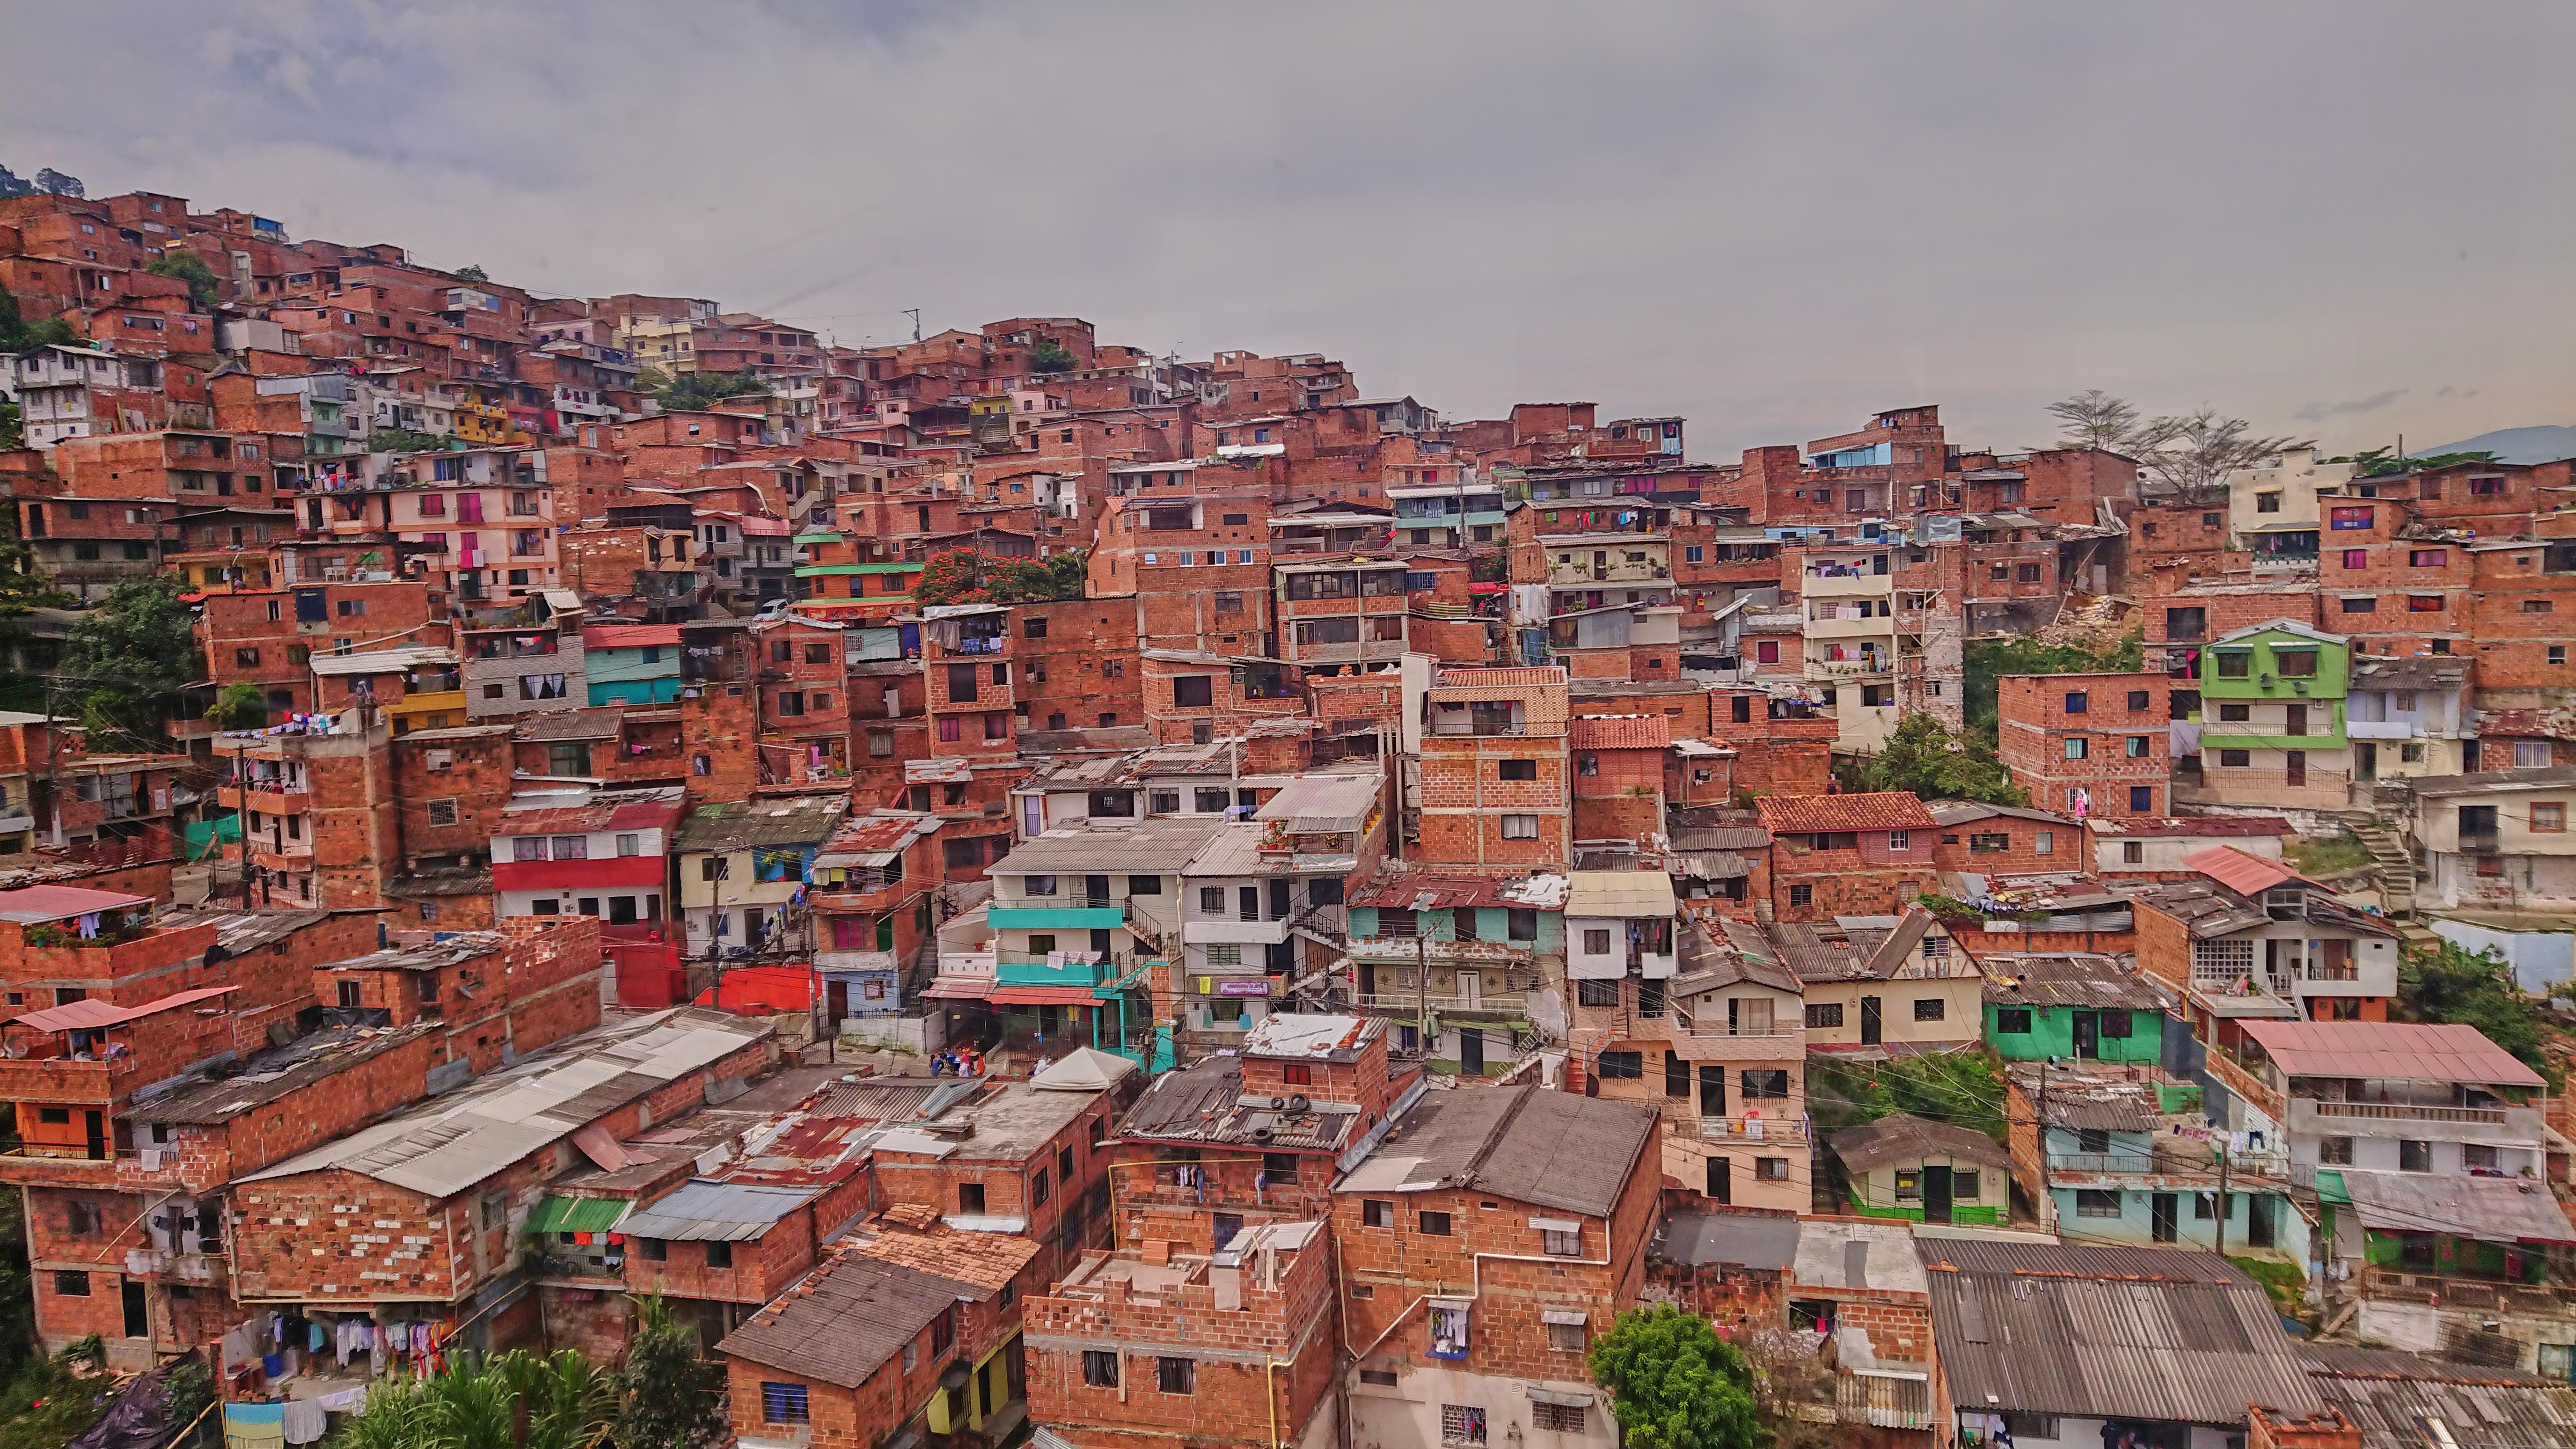 Medellin, Kolumbien 2019